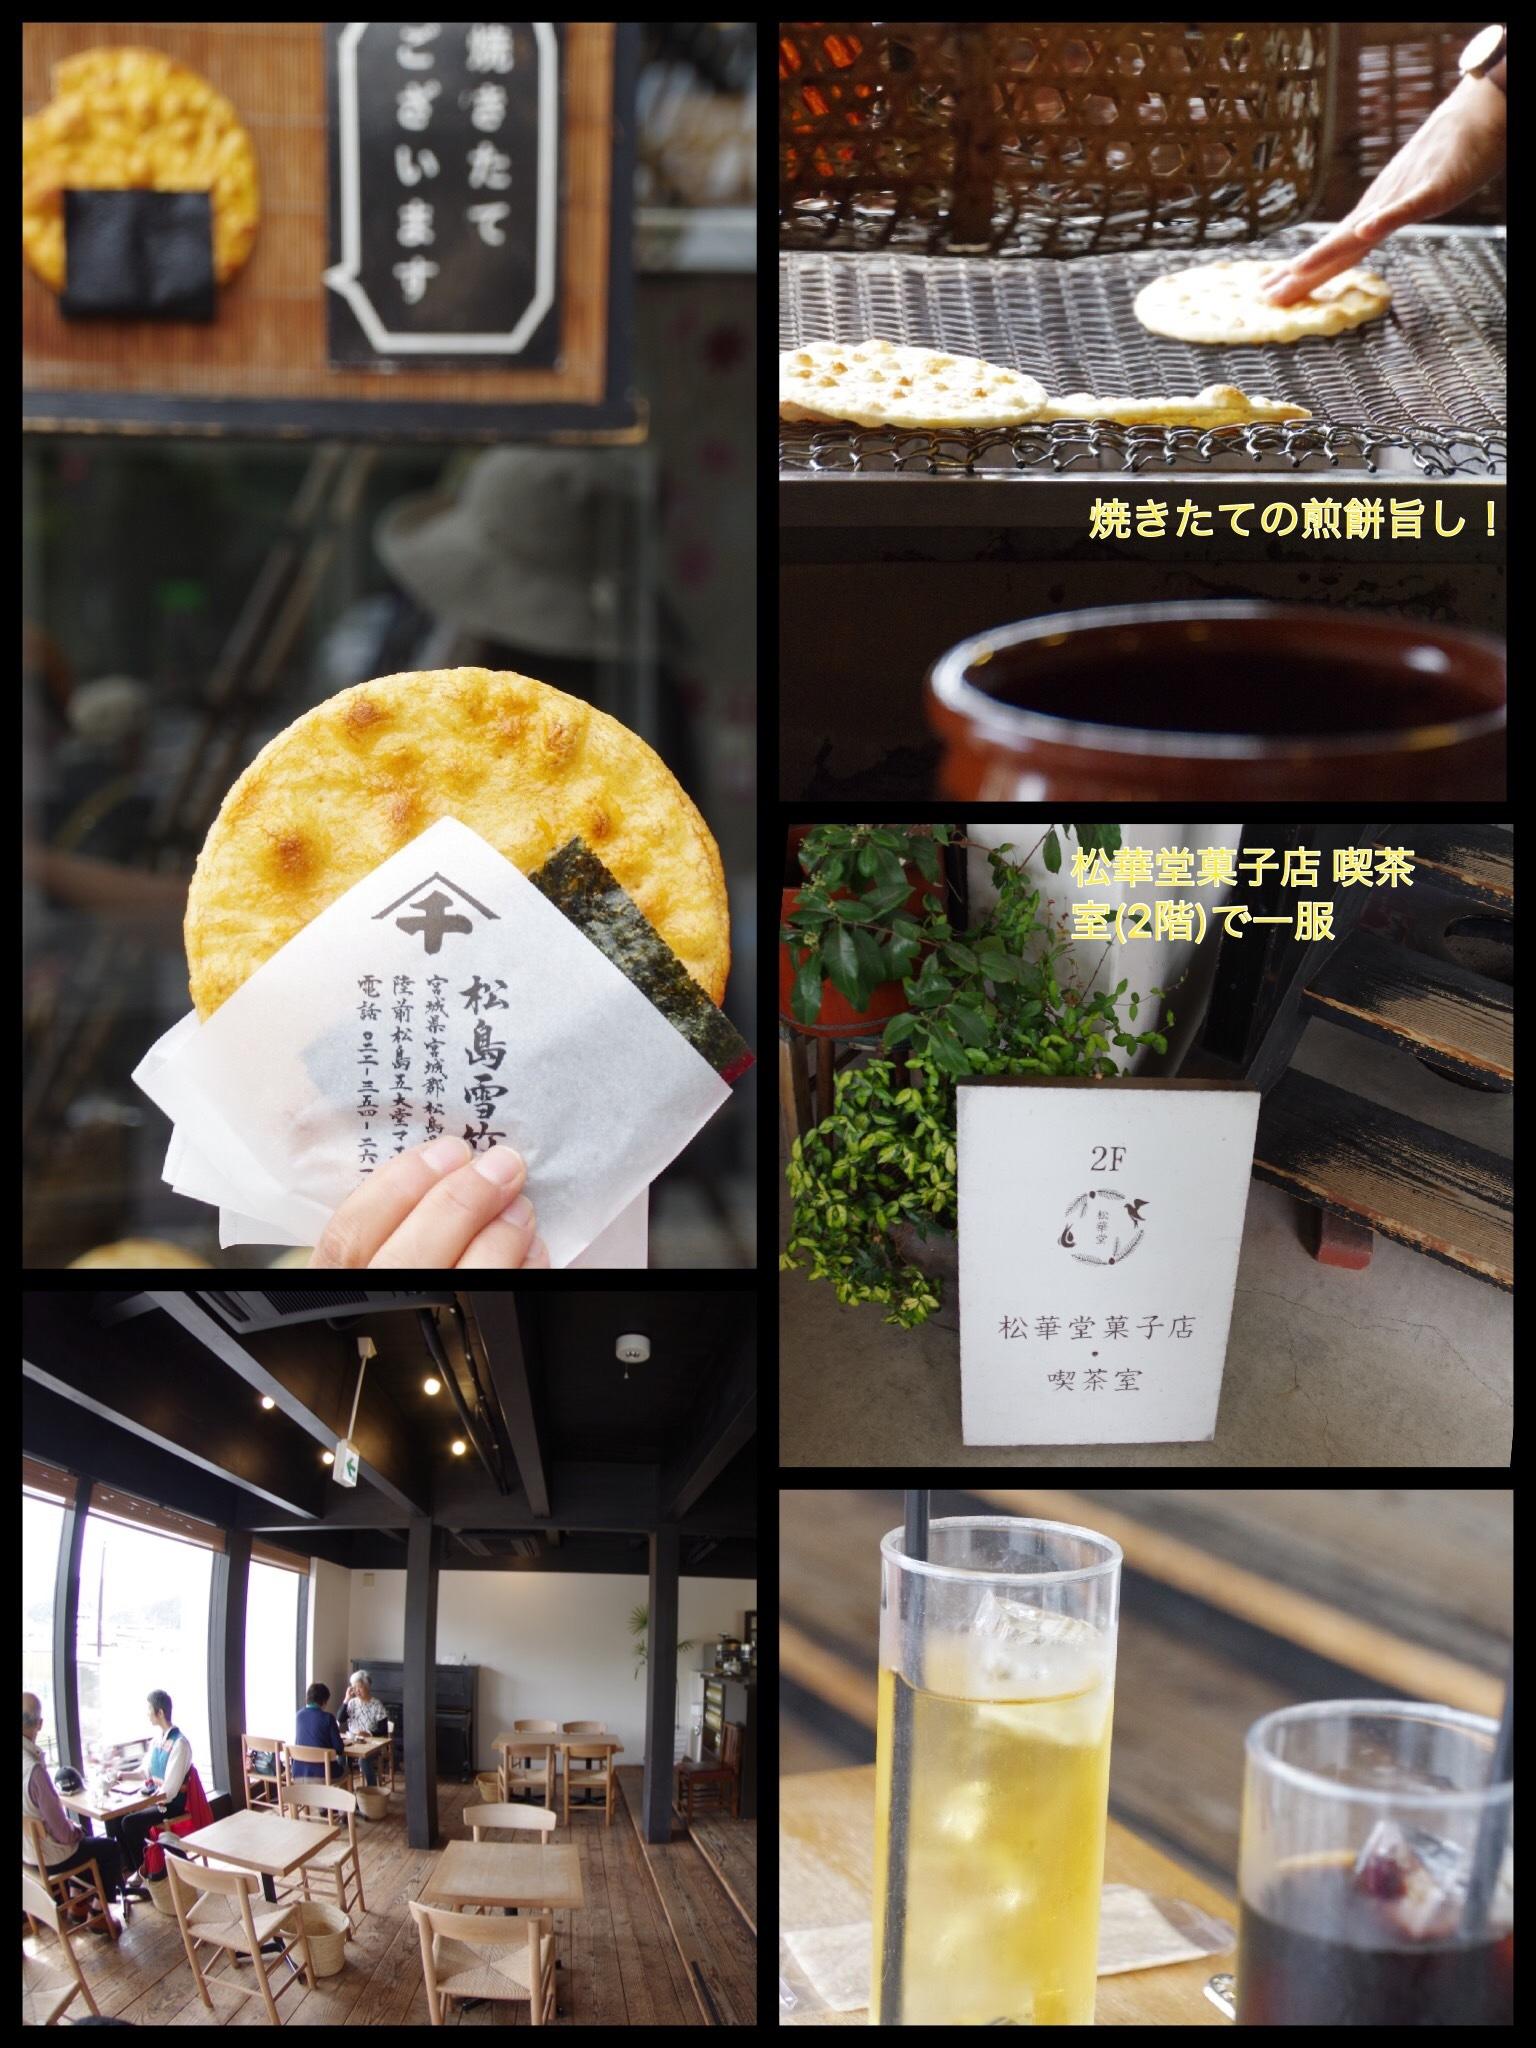 宮城 松島観光 遊覧船 松華堂菓子店喫茶